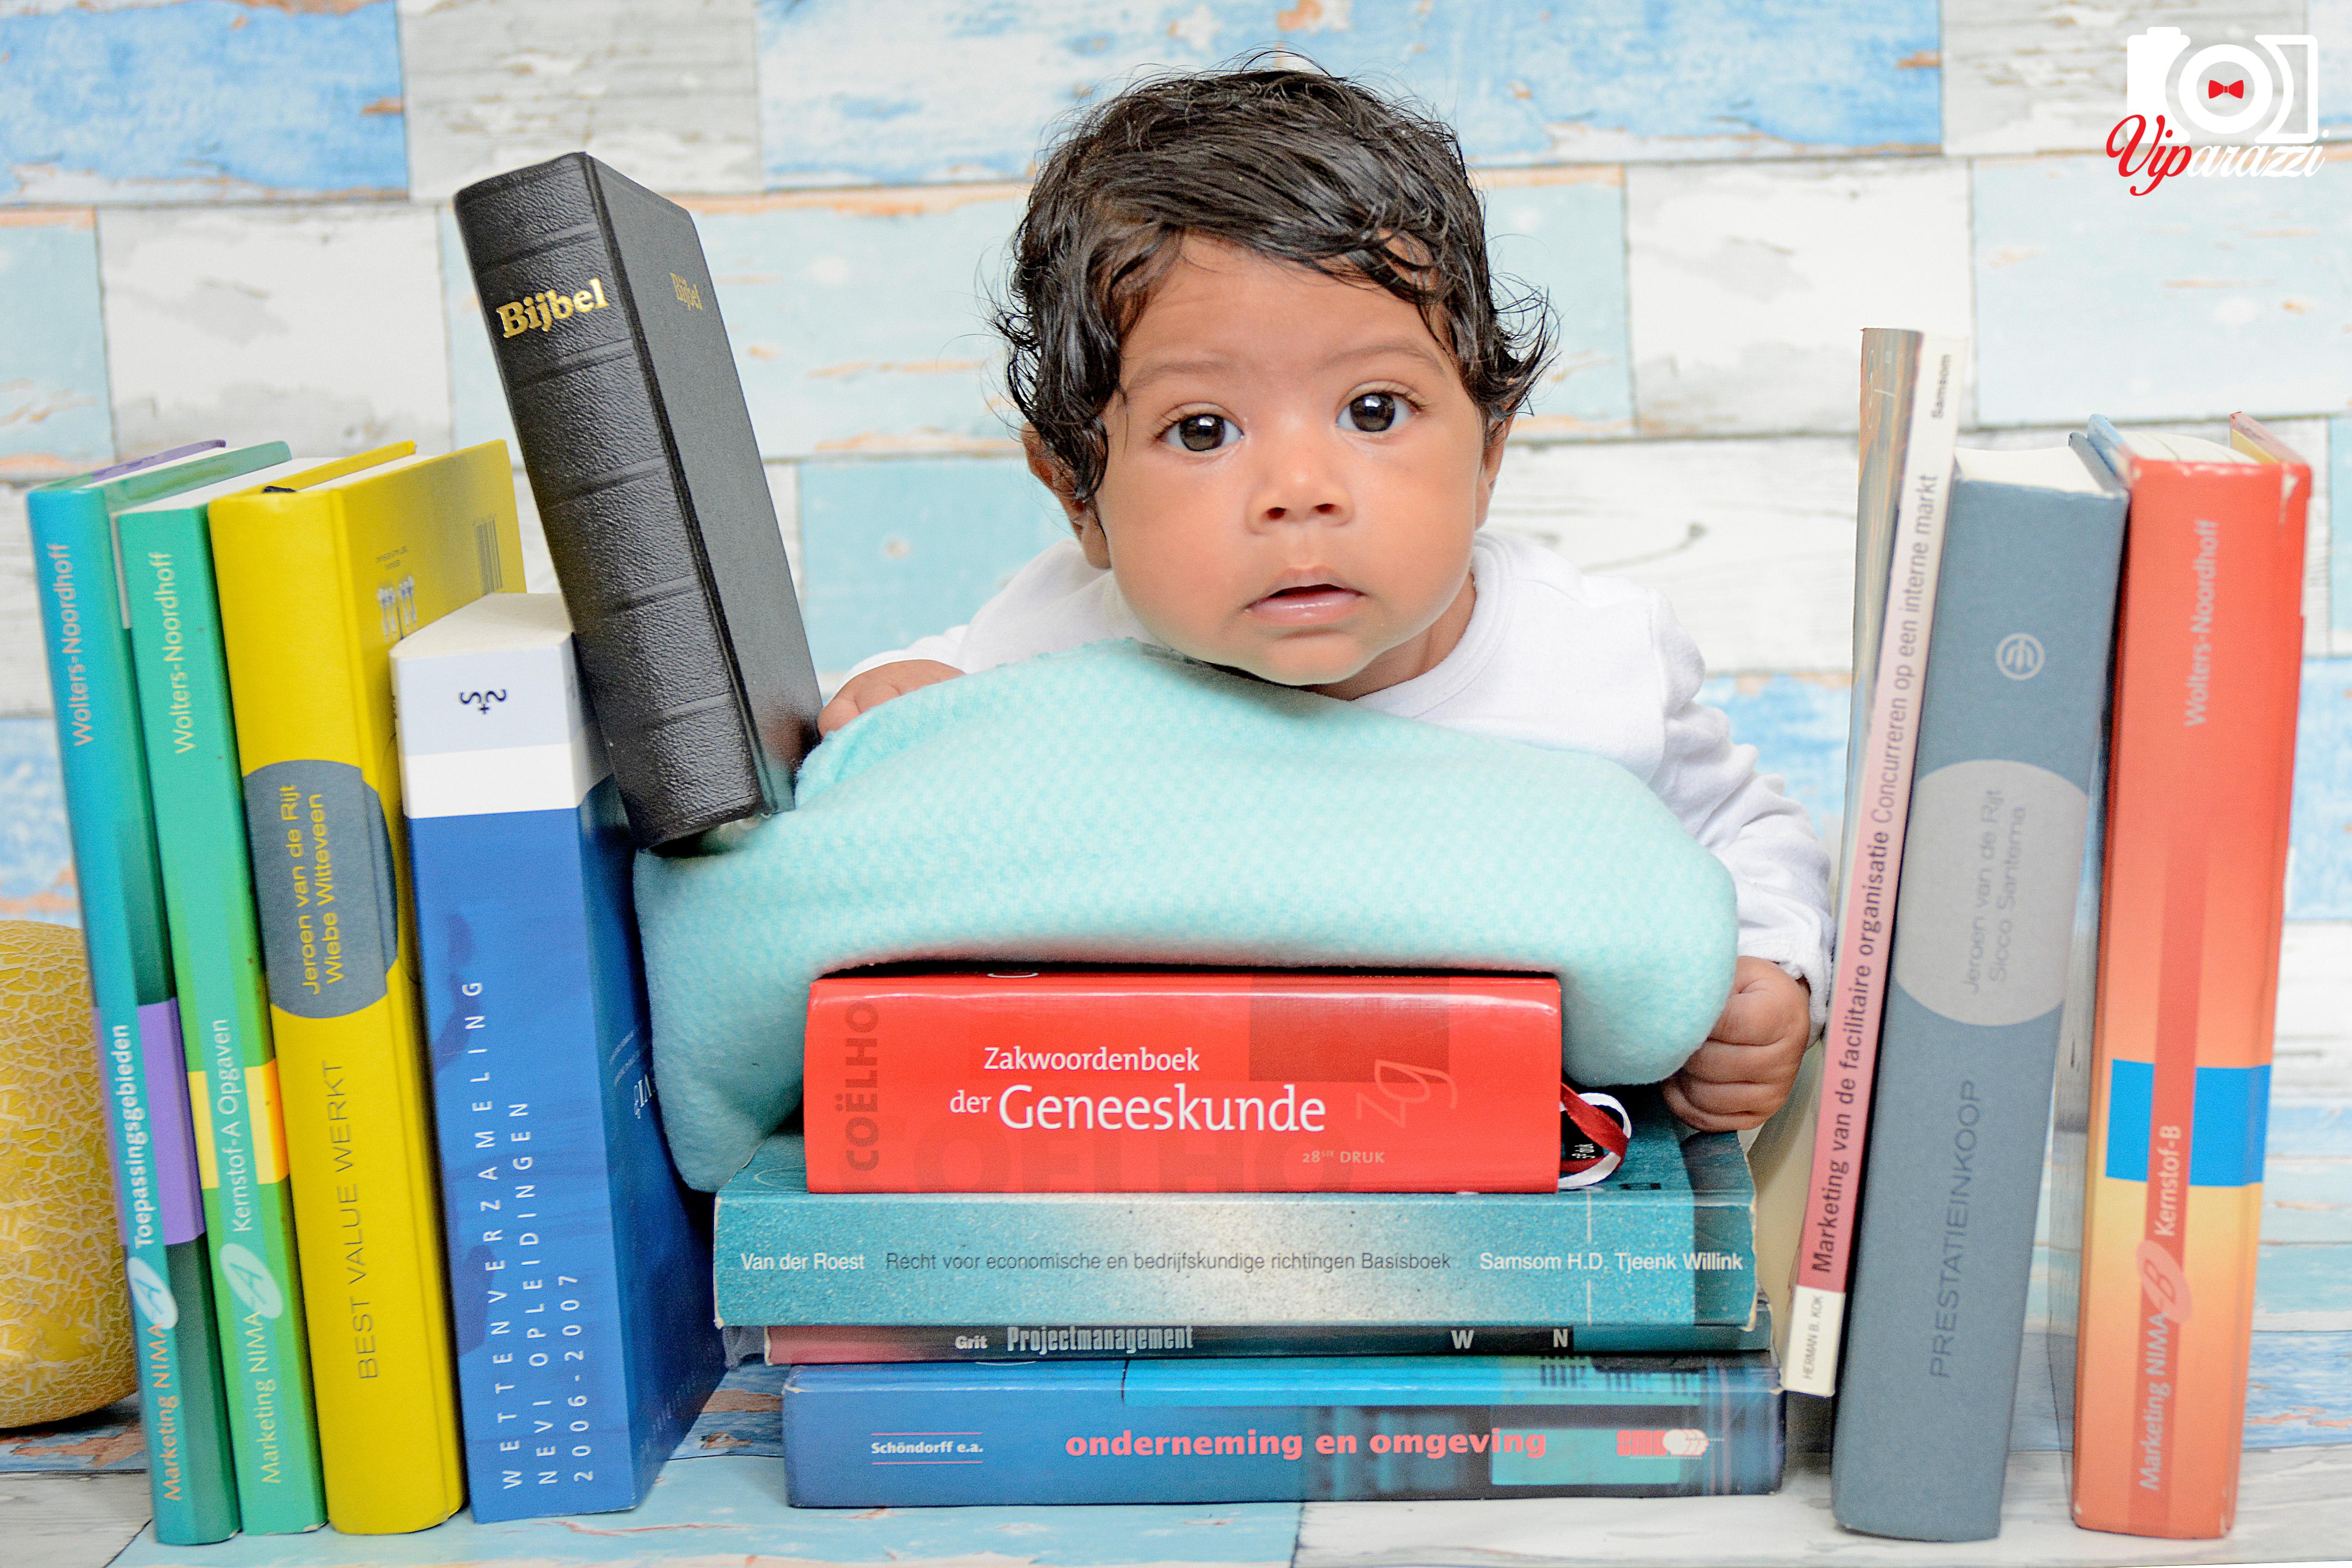 viparazzi babyfotografie met boeken